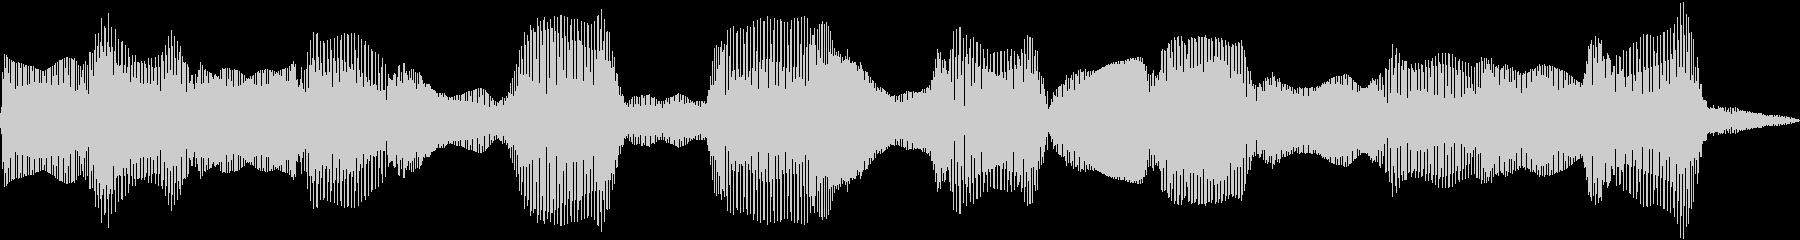 電子シンセ波:中速、低周波宇宙ドロ...の未再生の波形